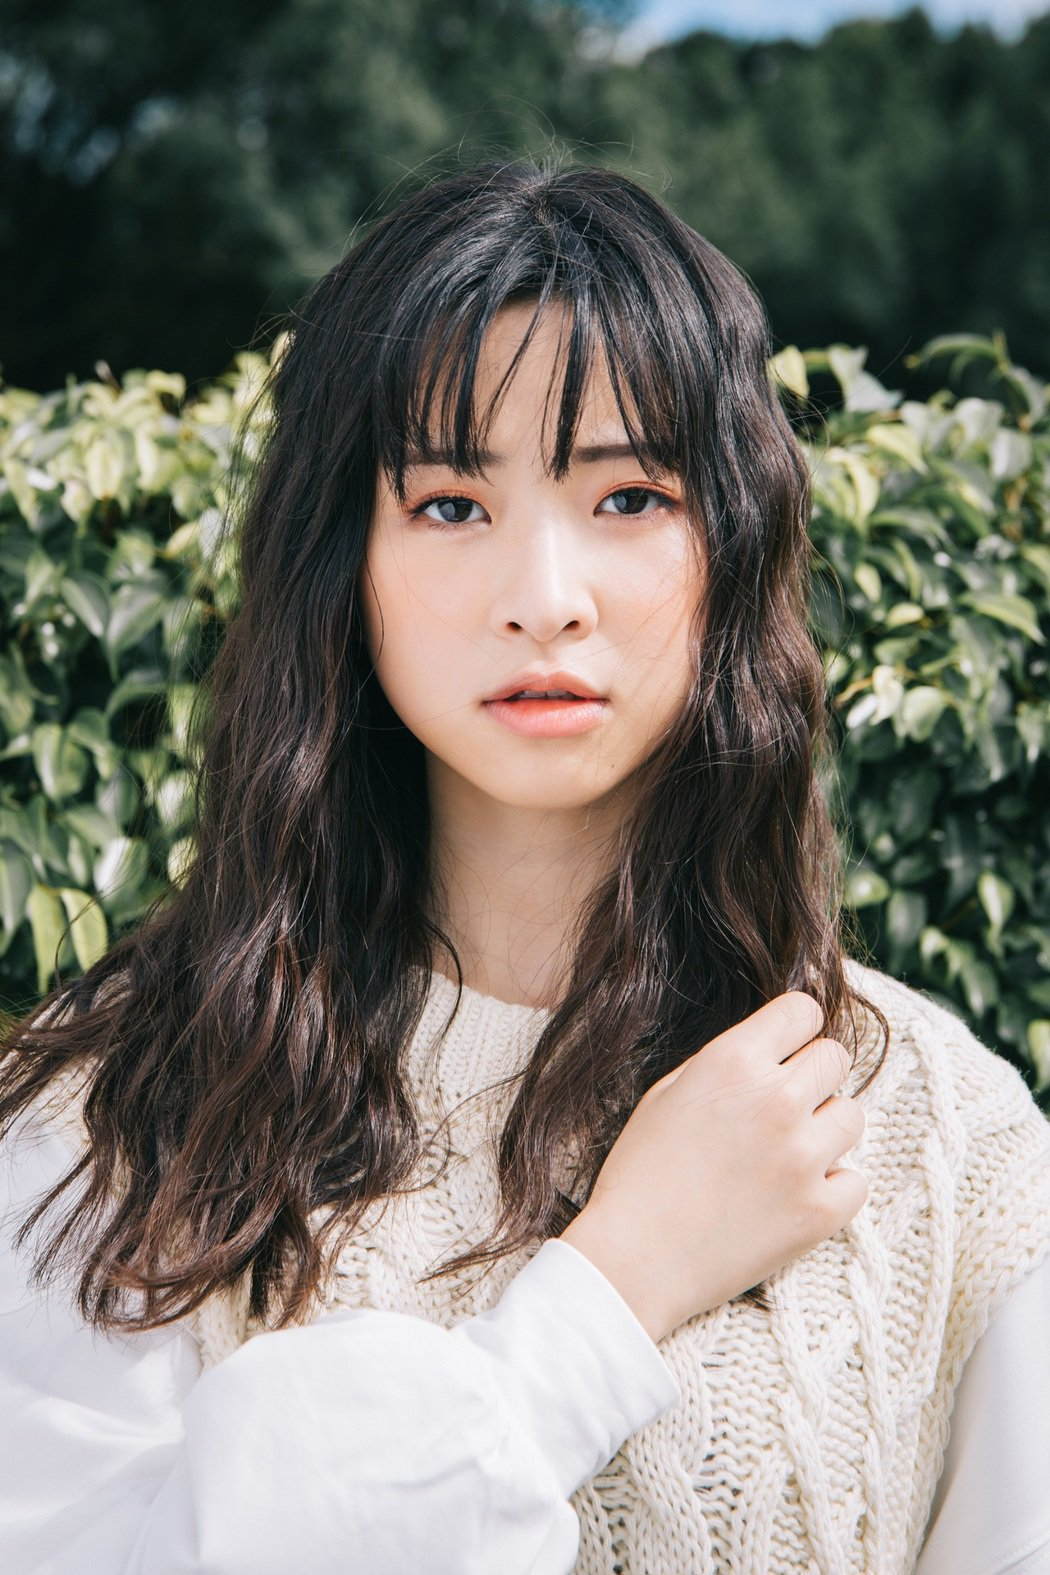 莊凌芸的新作「下次遇見再相愛」成為電影「說不出的告別」中文宣傳曲。圖/杰思國際娛